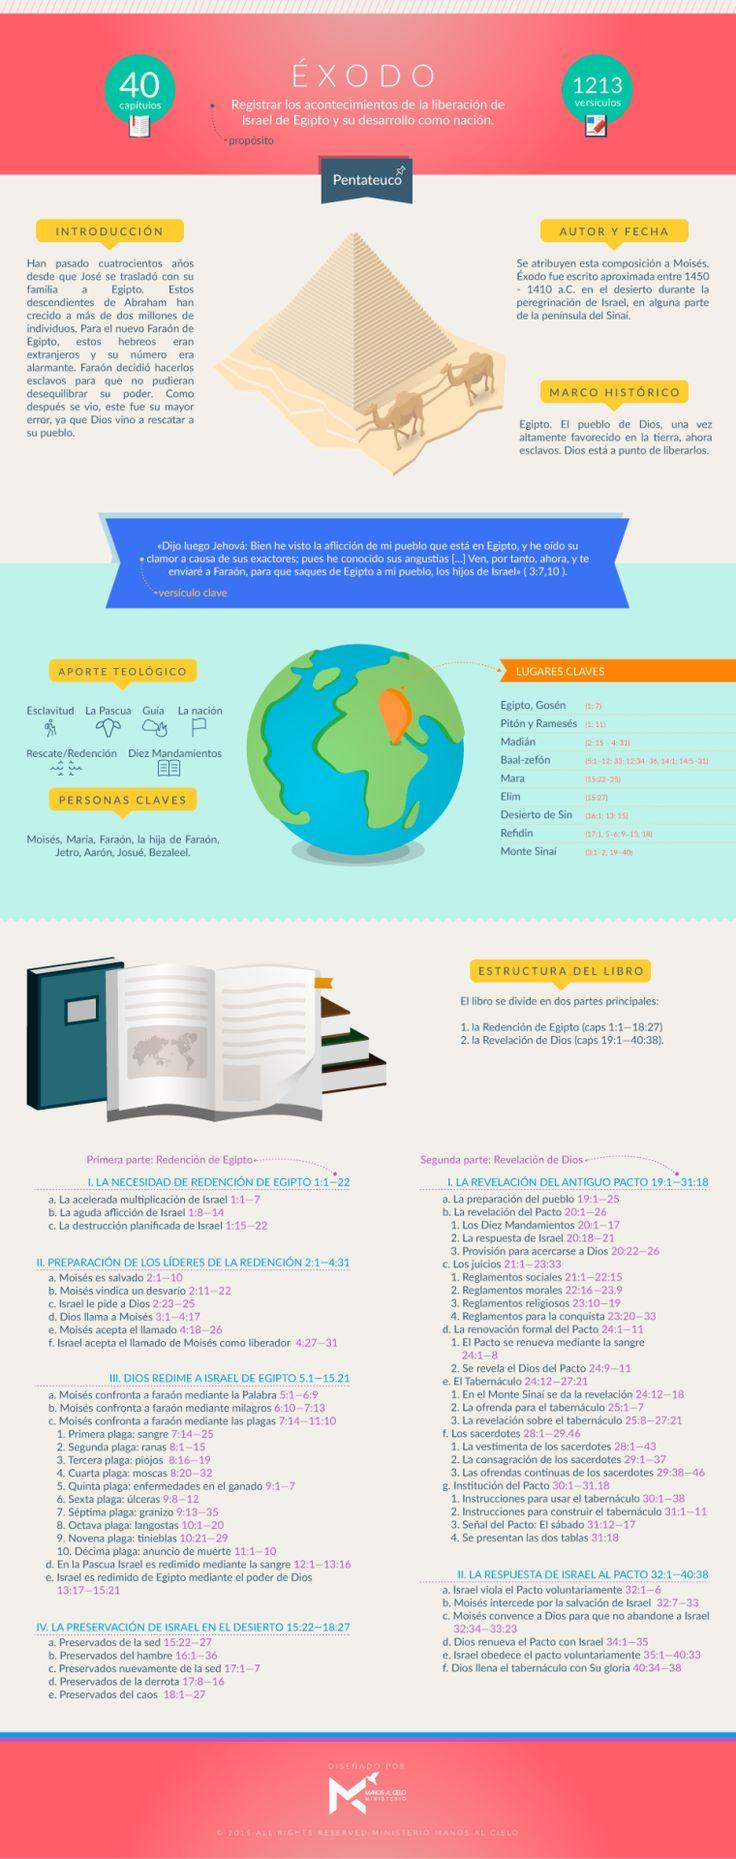 Manos al Cielo - Infografía sobre el libro de Éxodo. #infobiblias...